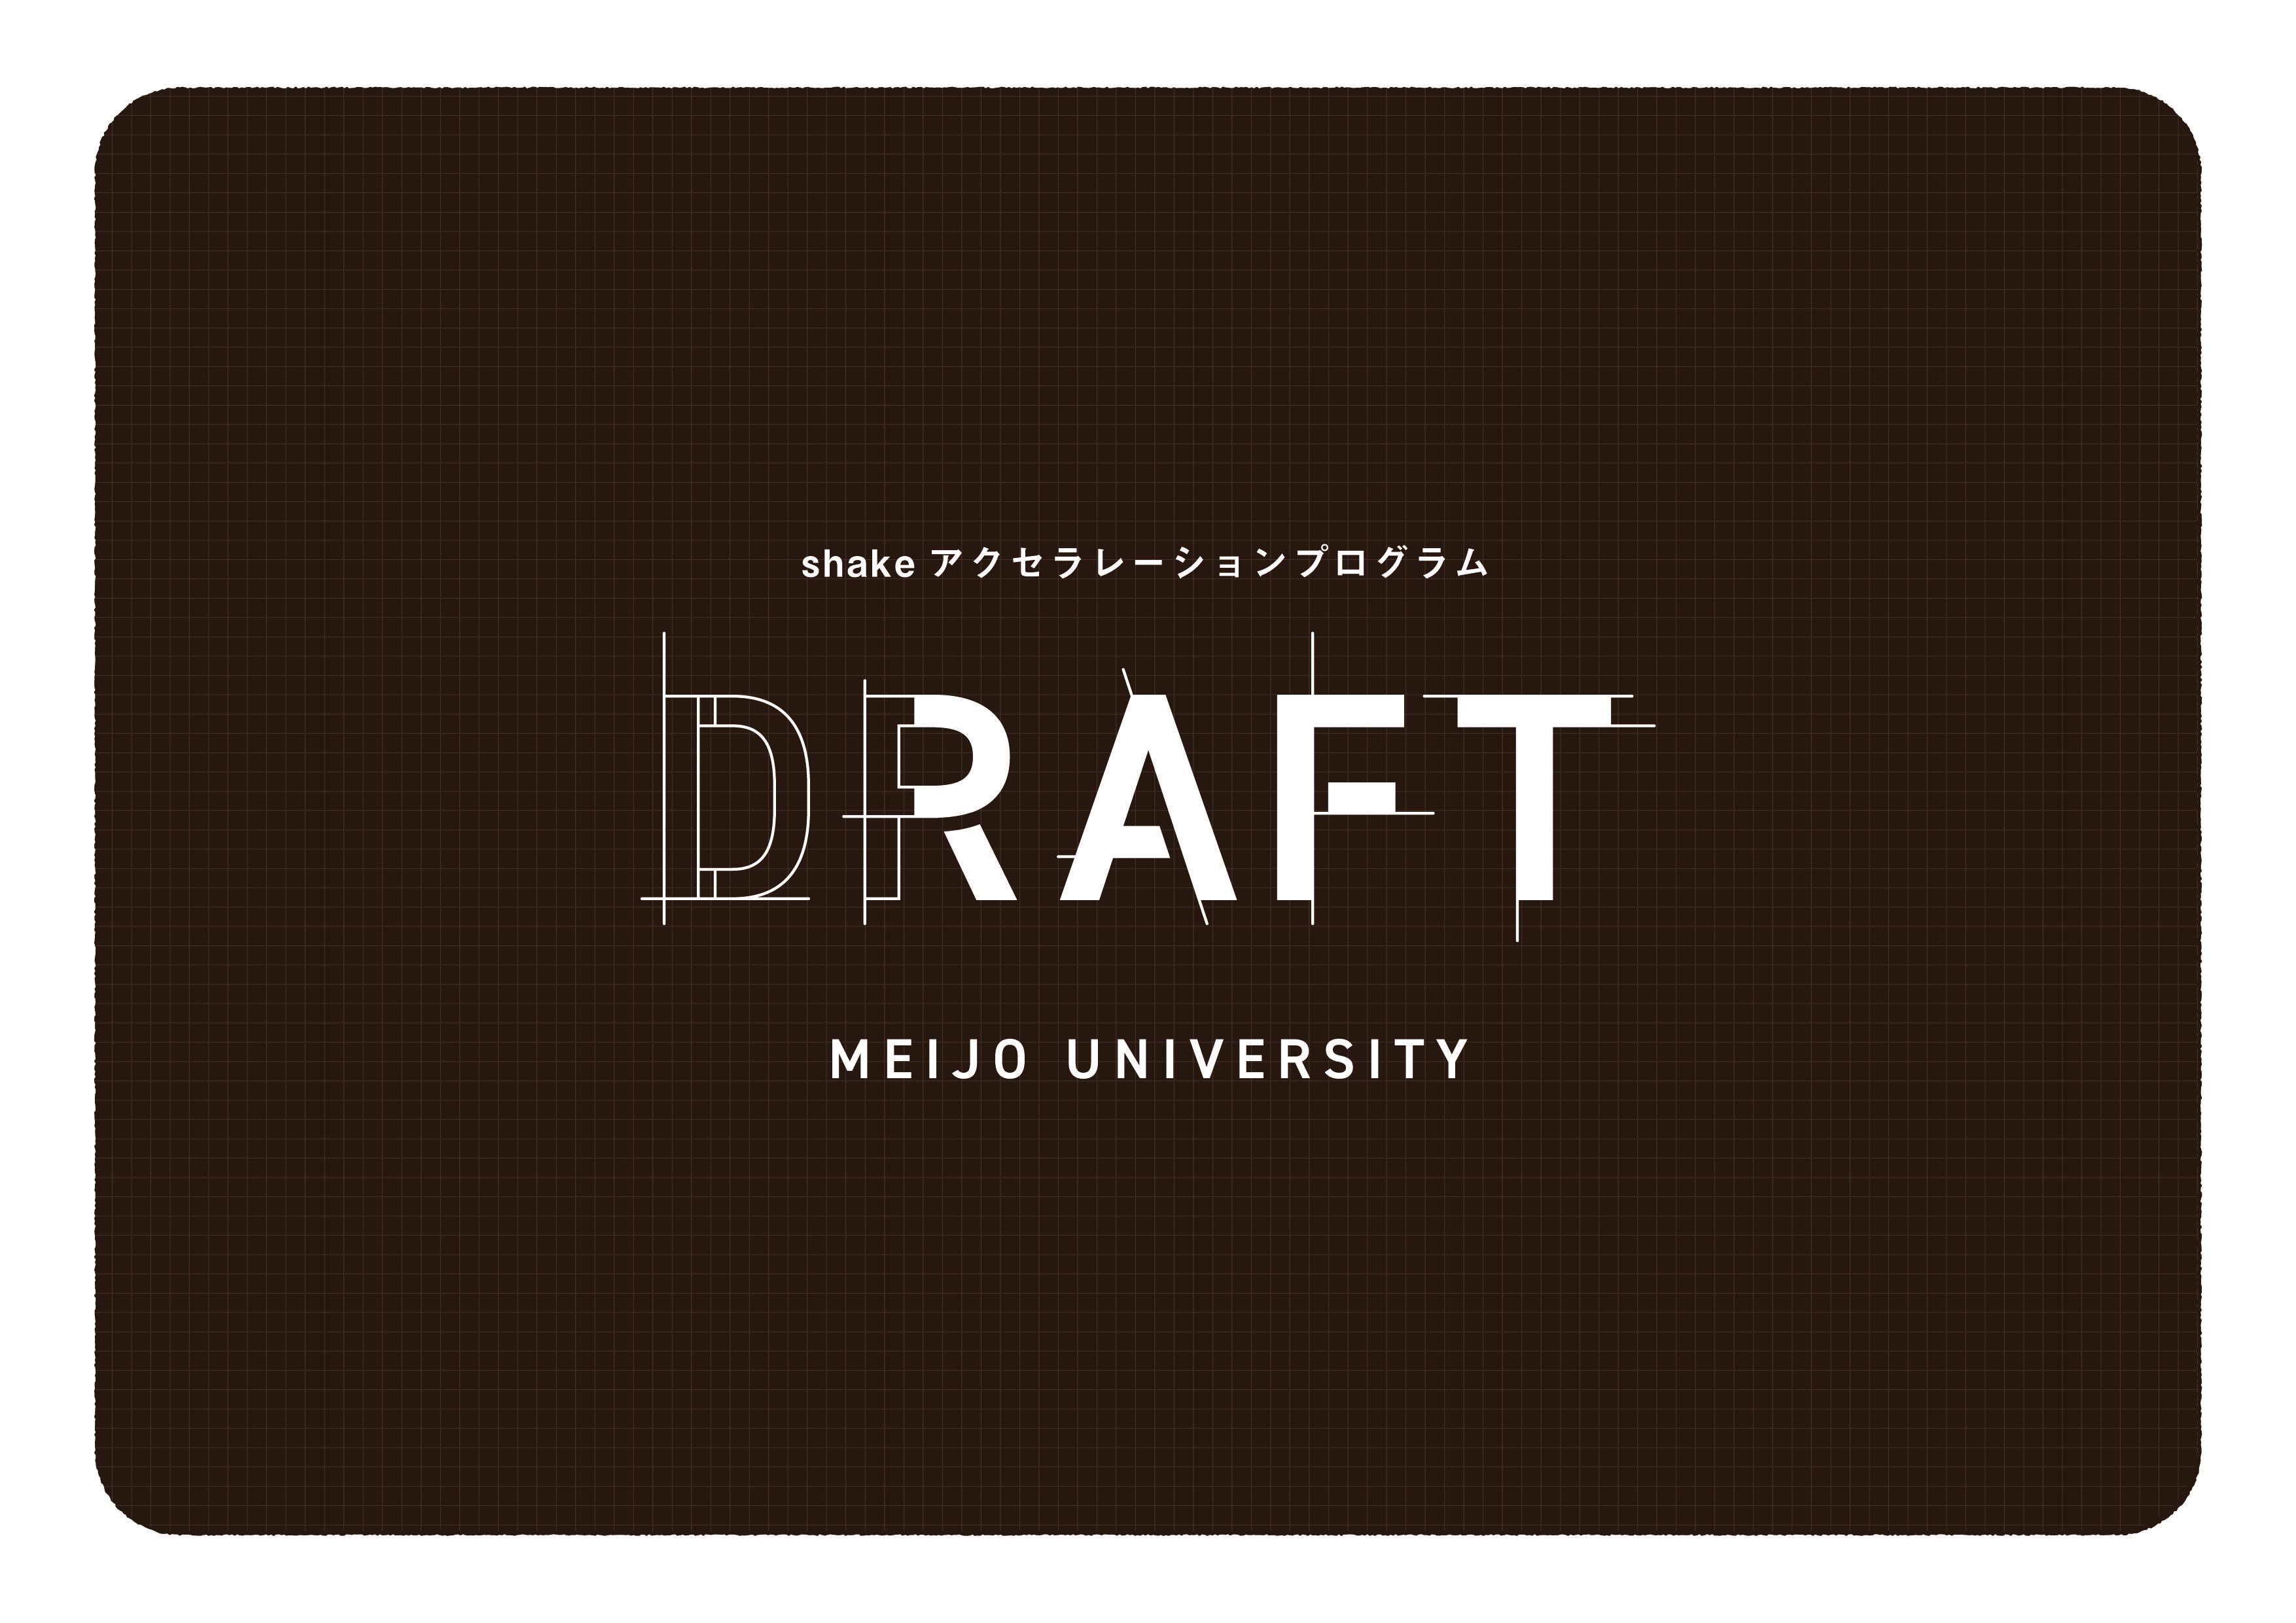 【35歳以下限定】shakeアクセラレーションプログラム「DRAFT」 第3期プロジェクト募集!